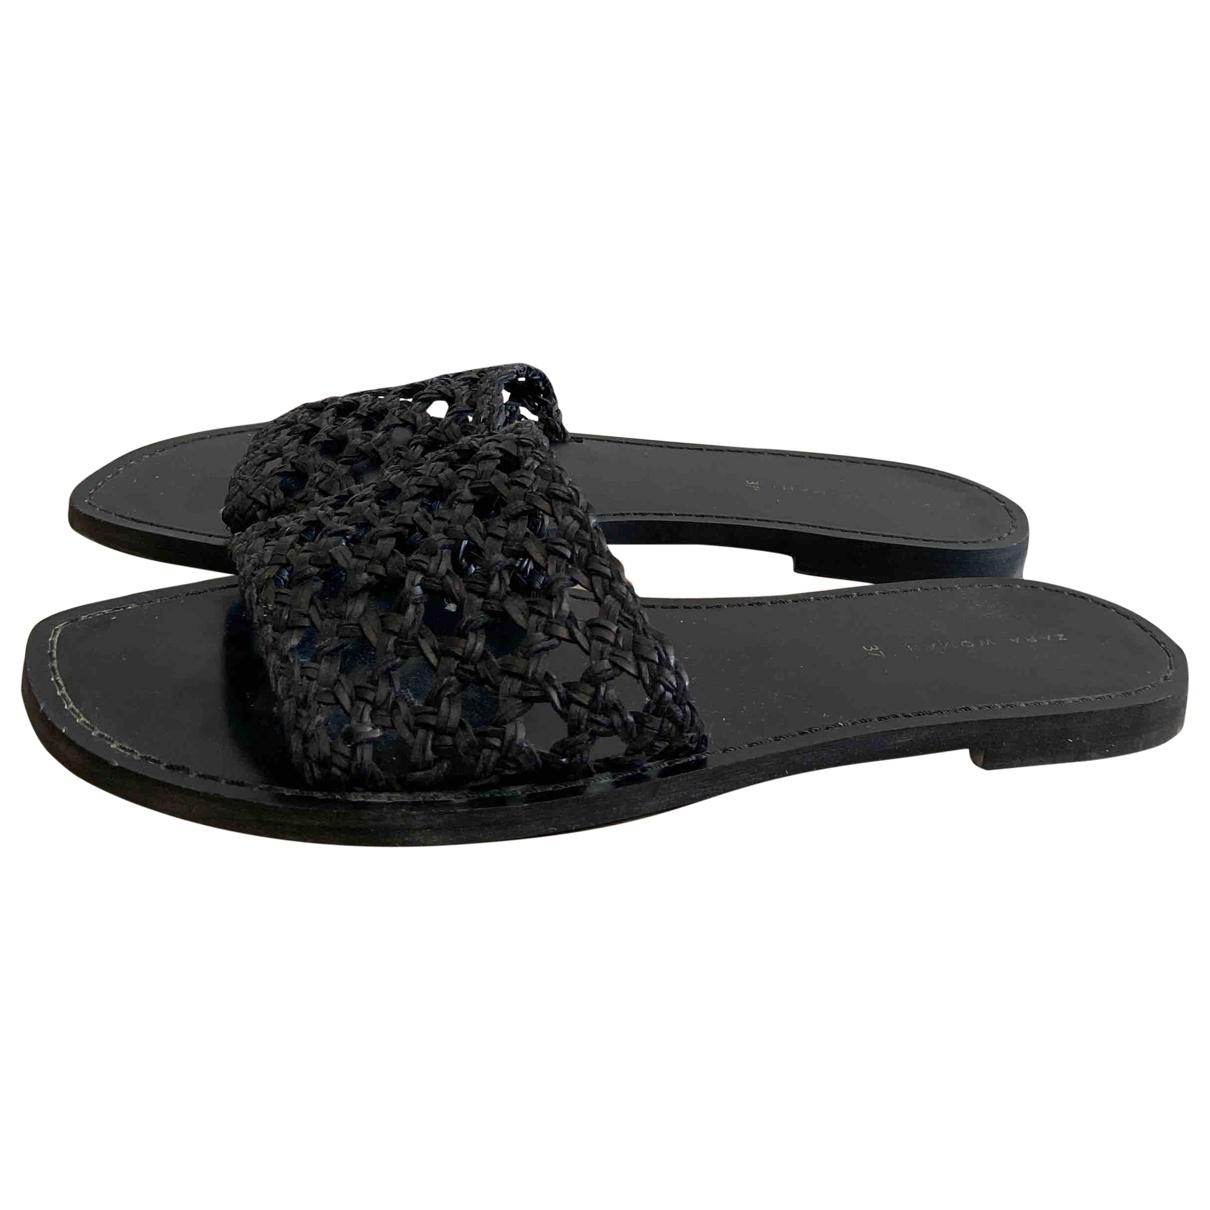 Zara - Sandales   pour femme - noir